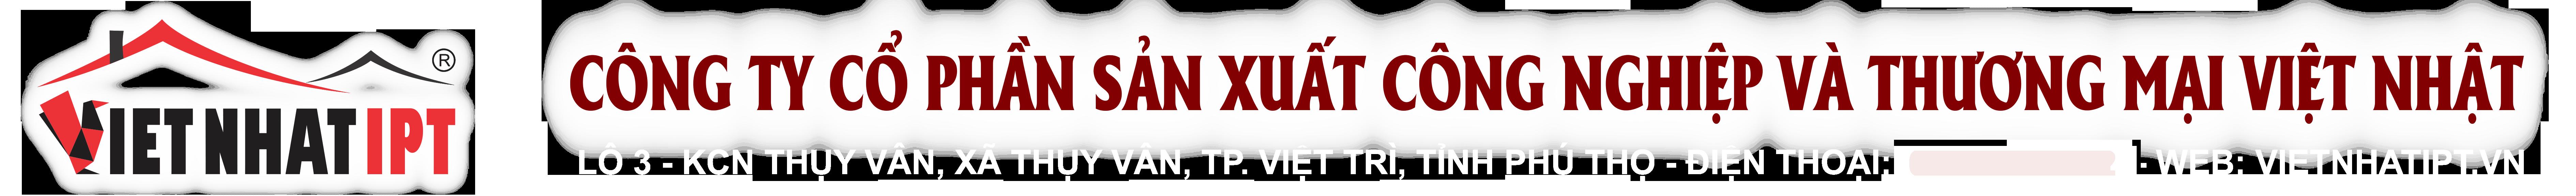 Công ty Việt Nhật IPT